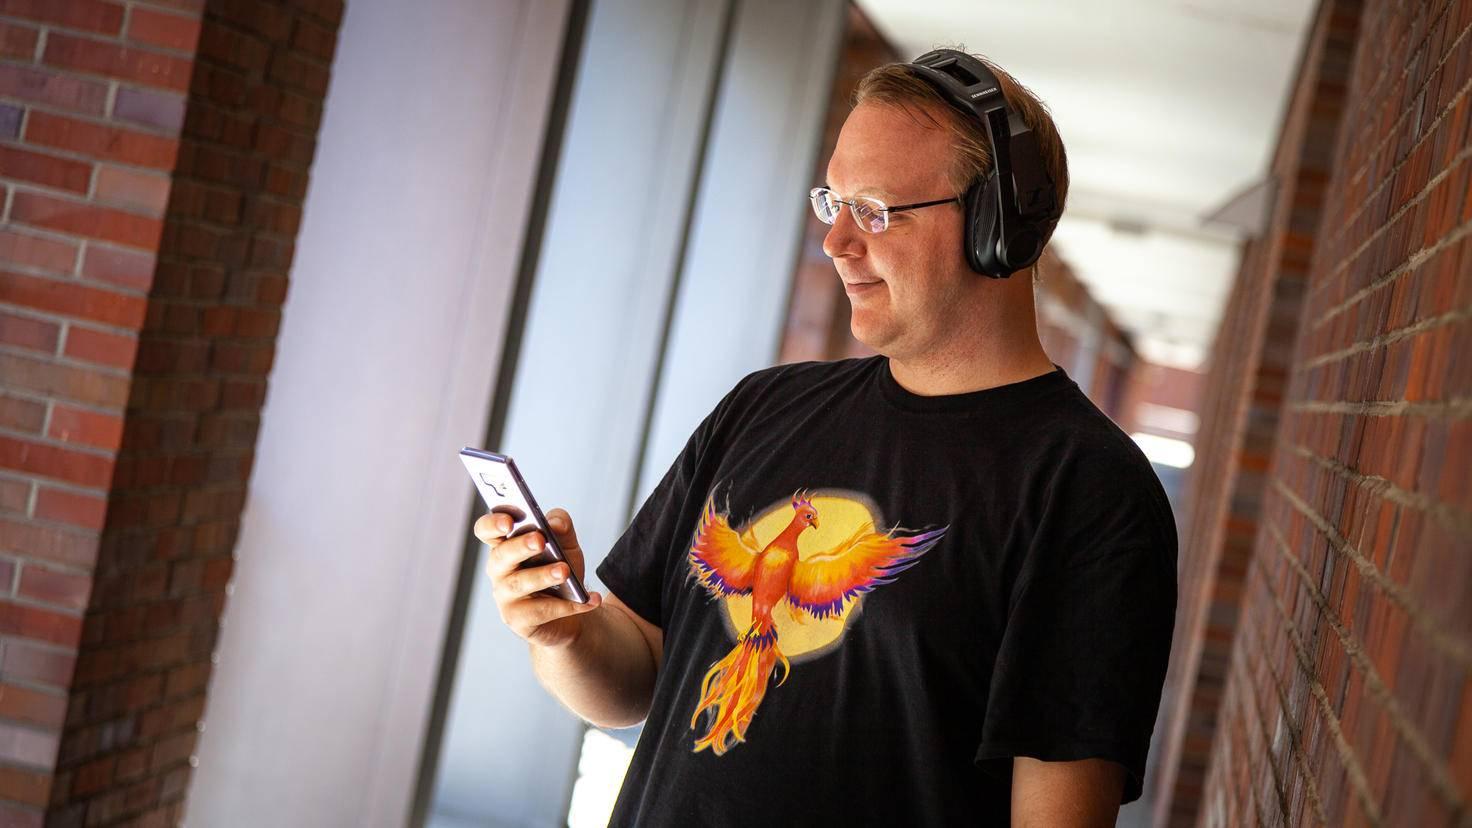 Das Headset lässt sich dank Bluetooth auch zum Musikhören draußen einsetzen – aber das Design passt nicht zu dieser Einsatzoption.